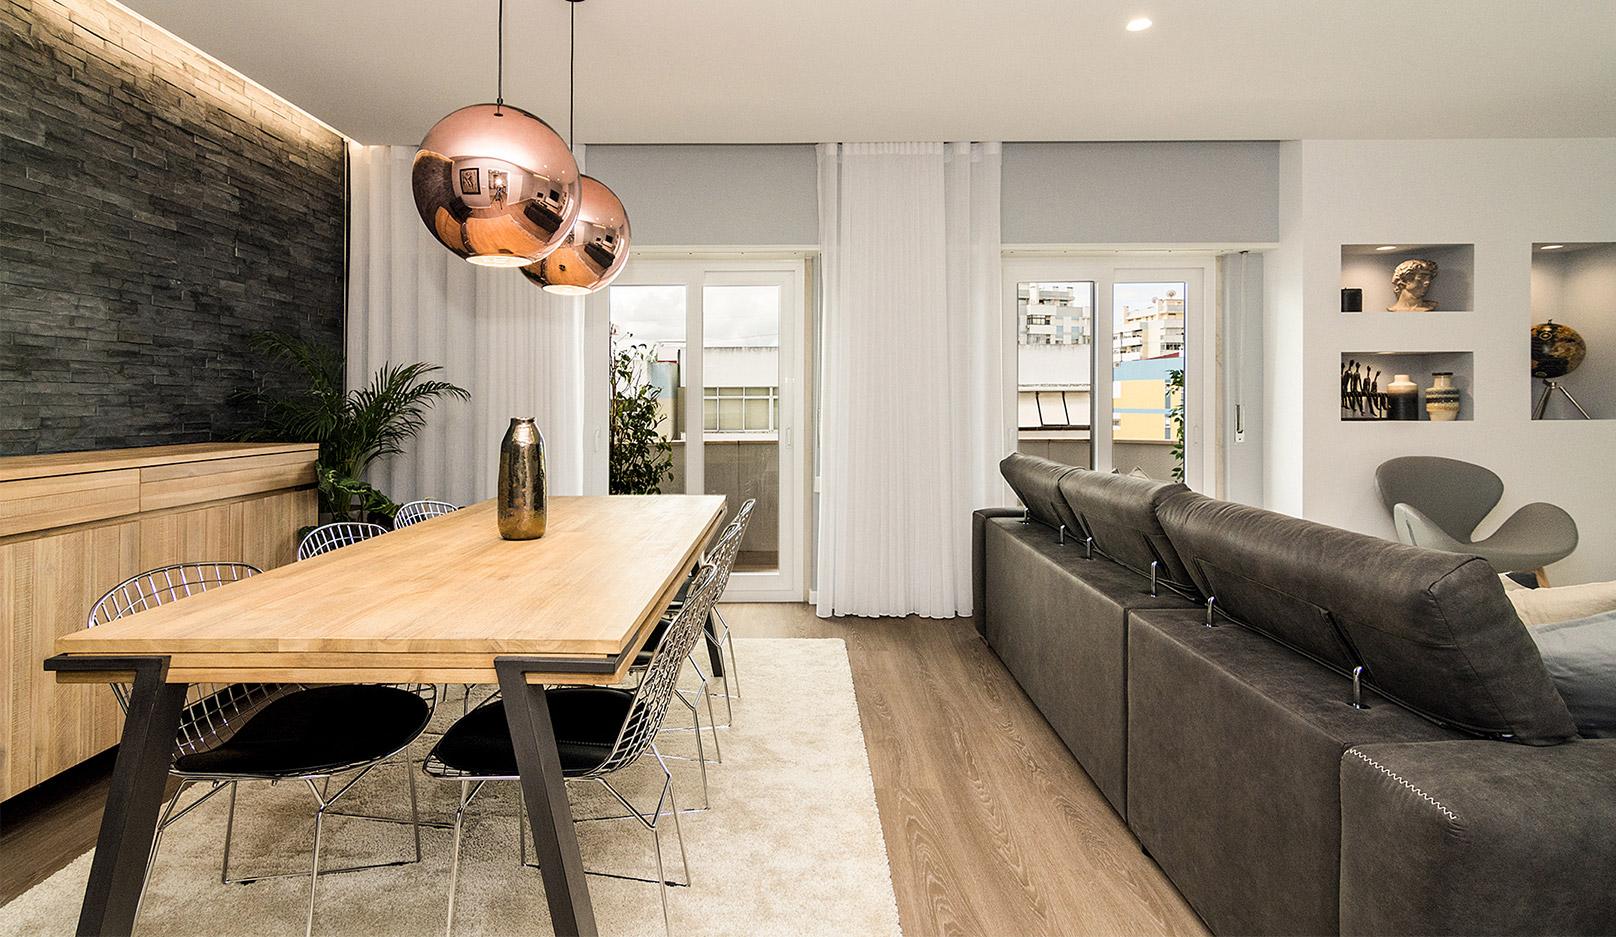 Ambiente de sala renovado e decorado com requinte, remodelações de casa, remodelação de apartamento, arquitetura de interiores, design de interiores, projeto de decoração, decoração de sala, obras de casa